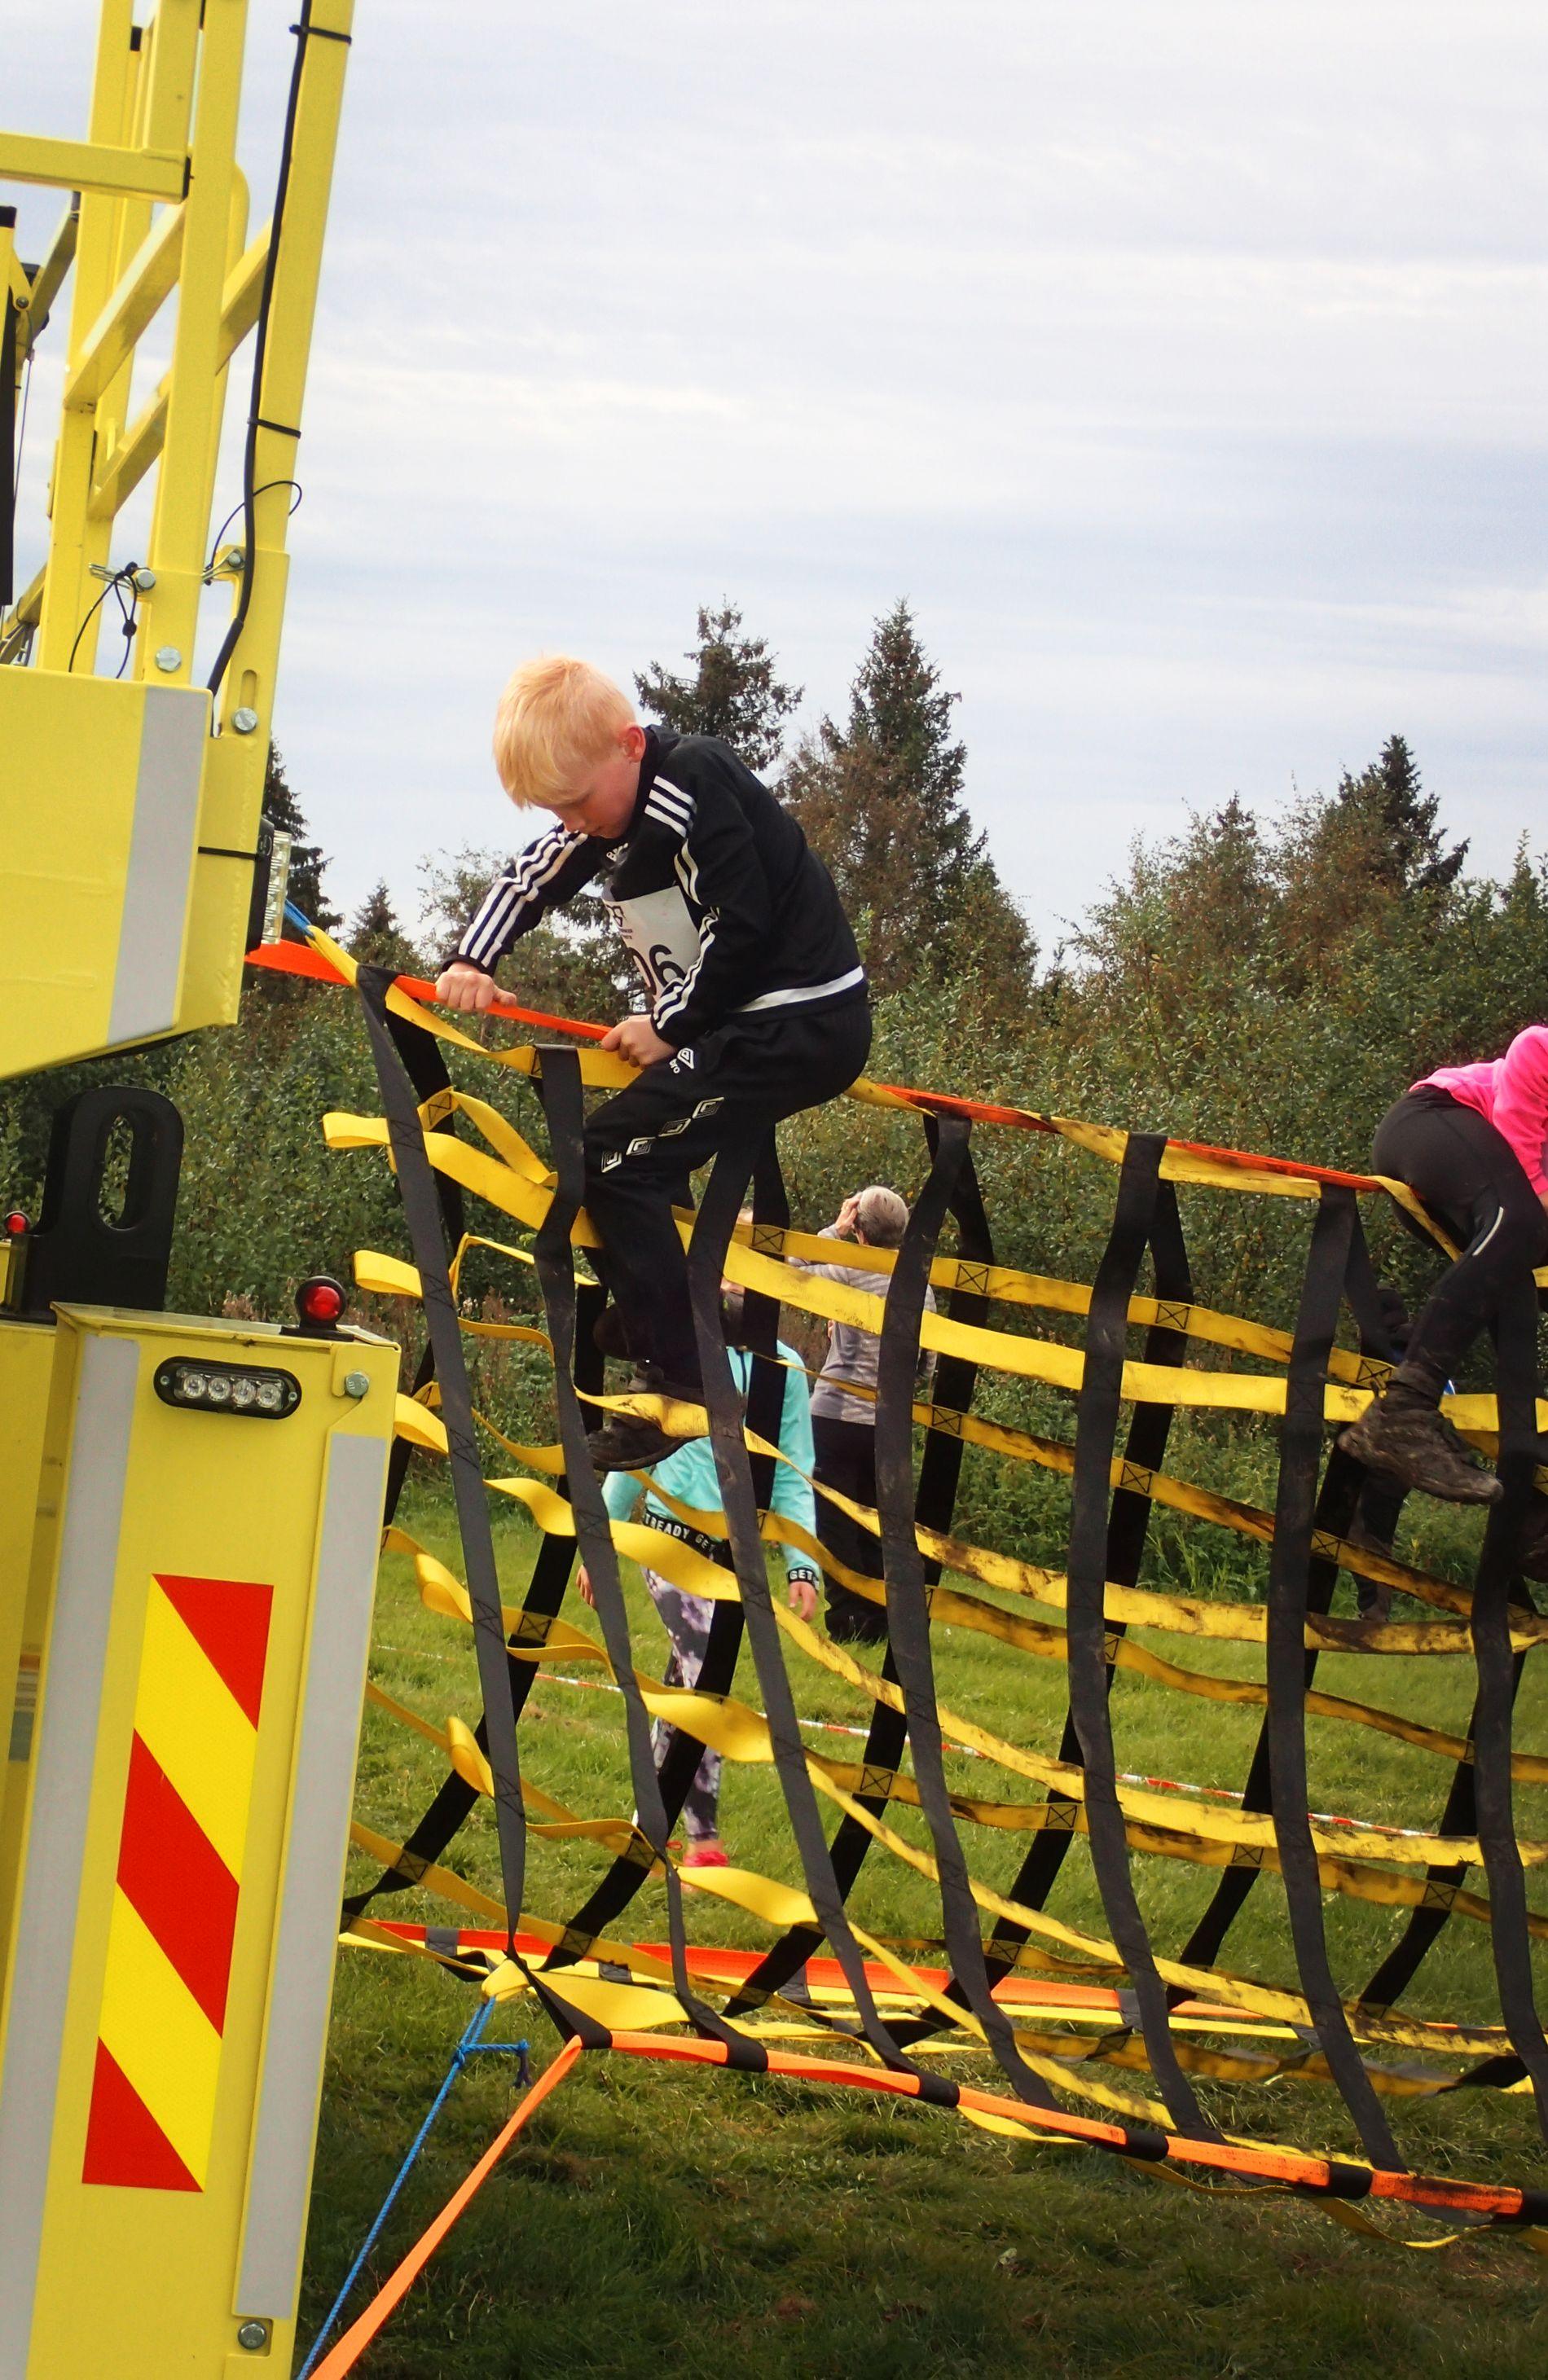 RÅTASSER: Sportsarrangementet Romerikes Råeste har vært med på å sette Nannestad på kartet. Hele 850 deltok i fjor. Her er Wilhelm i hinderløypa.